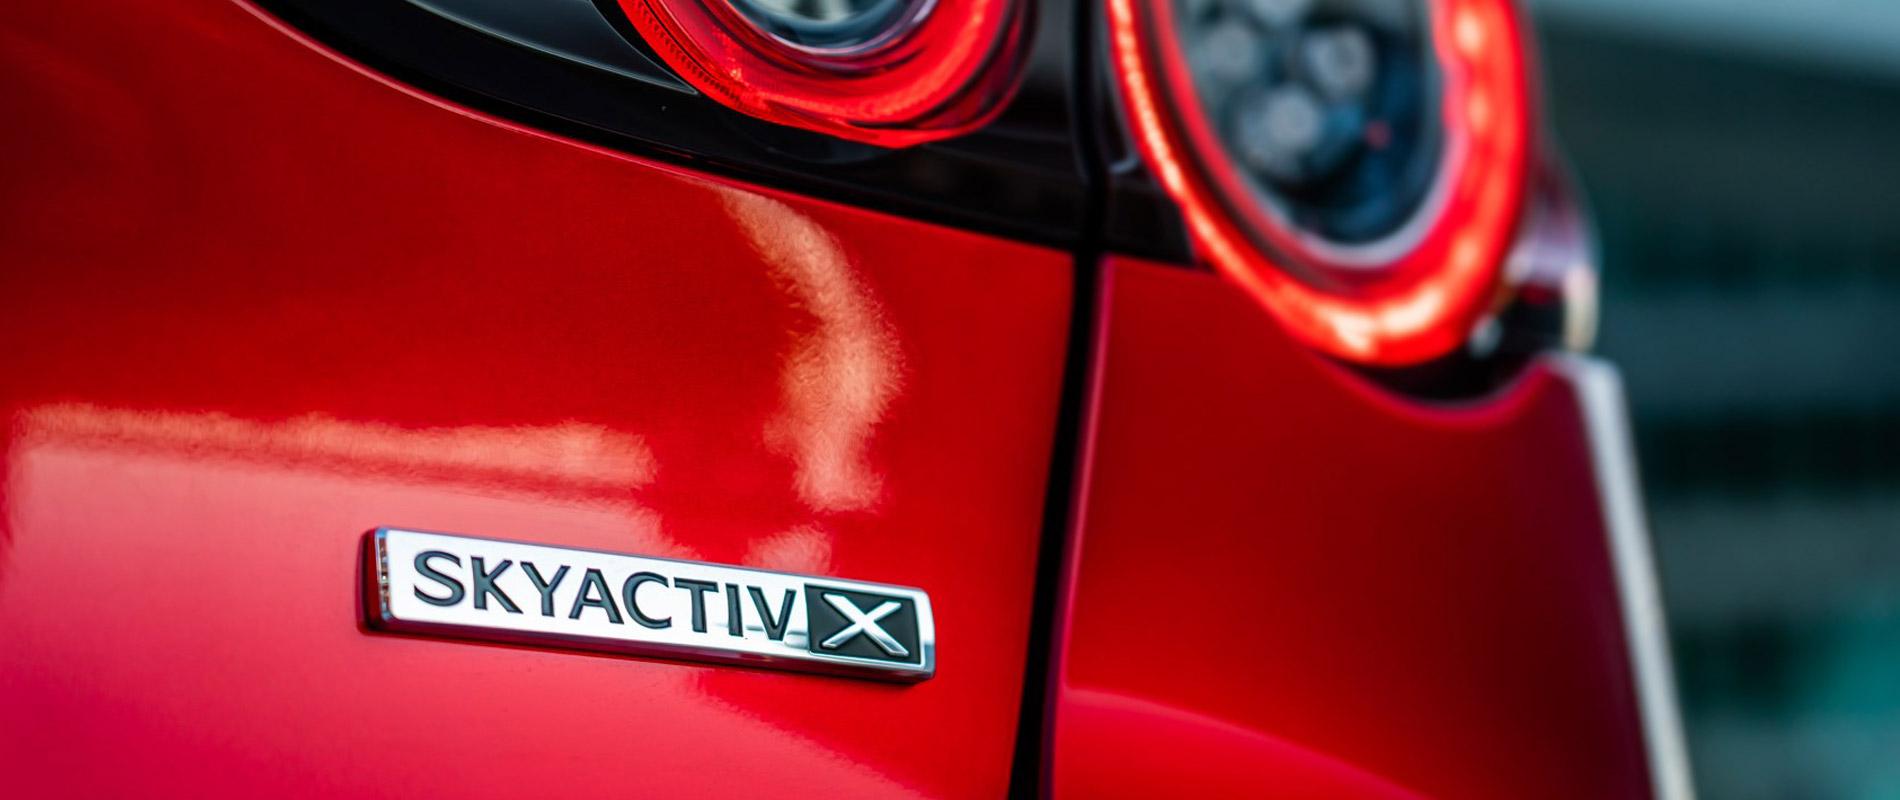 SkyActiv-X: revolutionaire nieuwe motor van Mazda biedt 'best of both worlds'